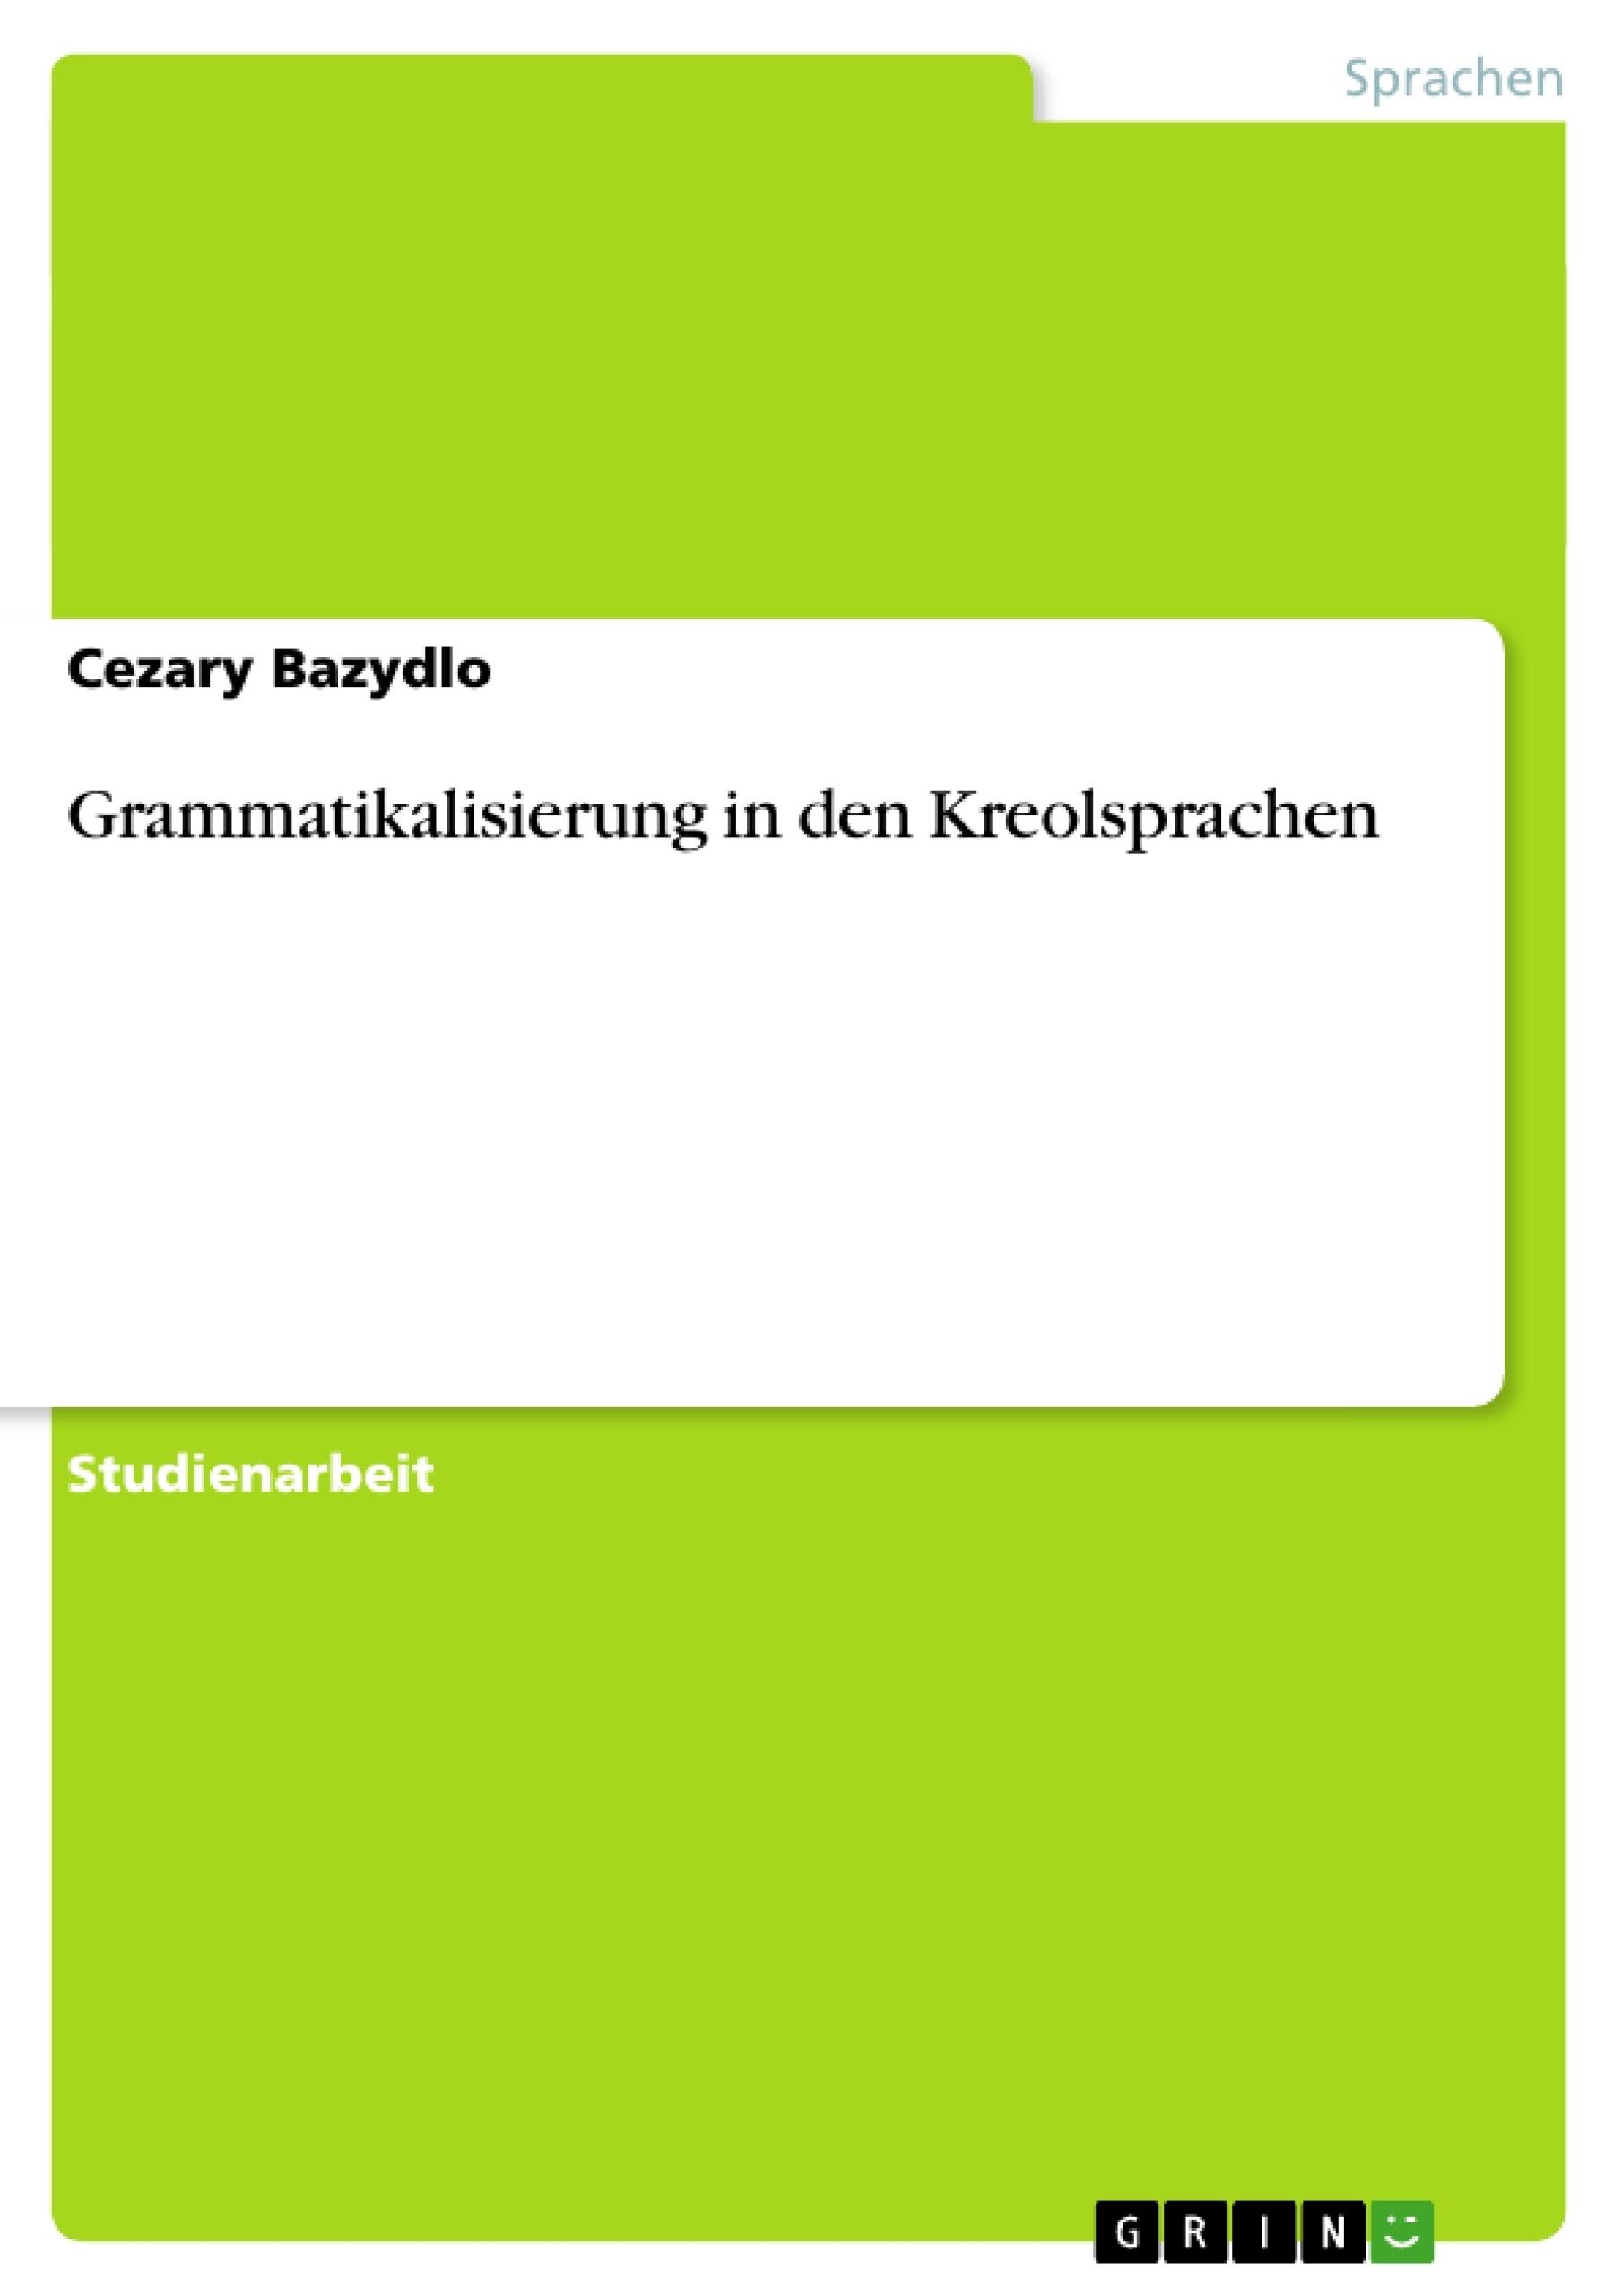 Titel: Grammatikalisierung in den Kreolsprachen